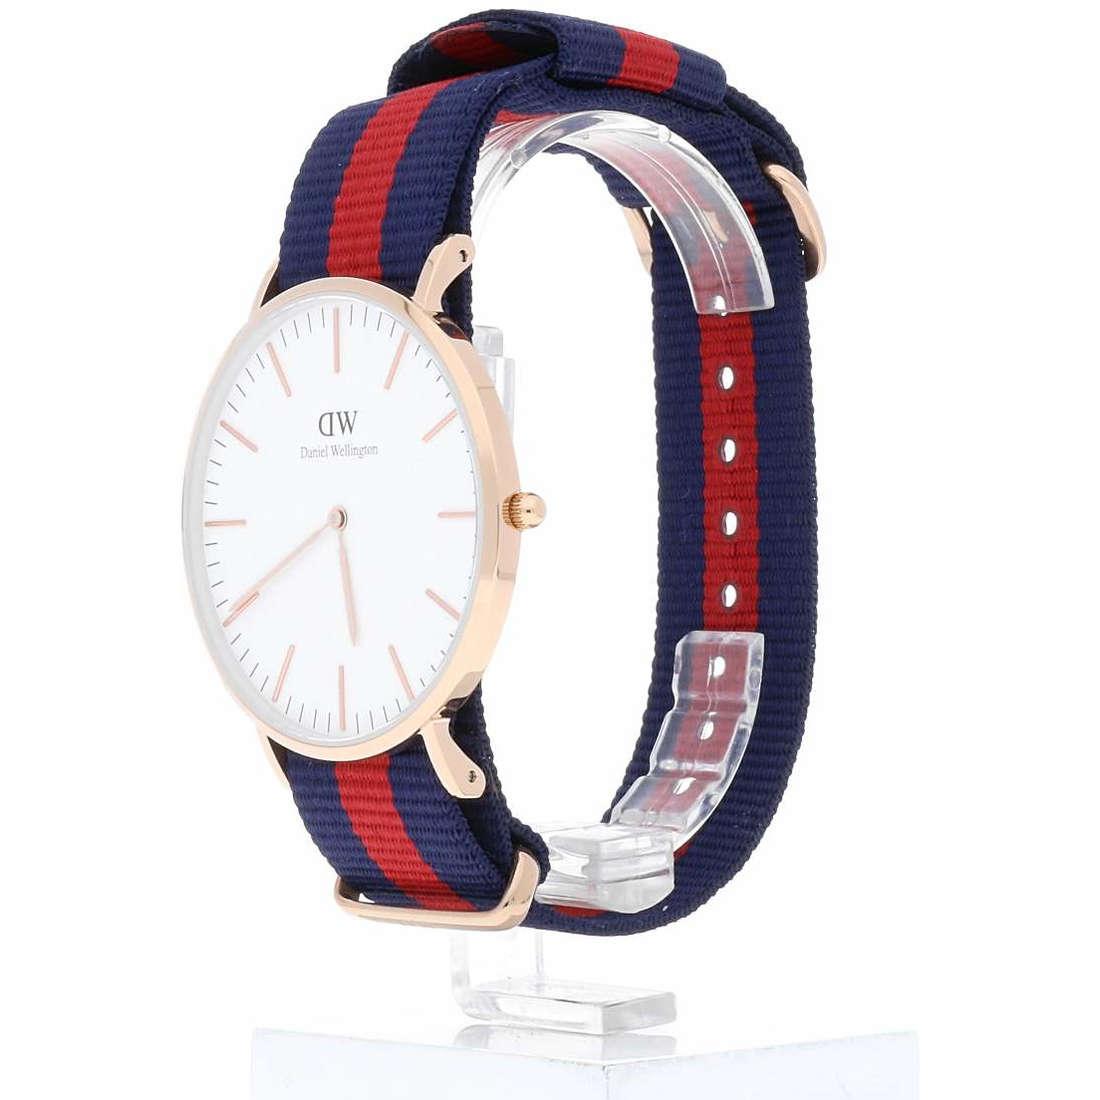 vente montres unisex Daniel Wellington DW00100001